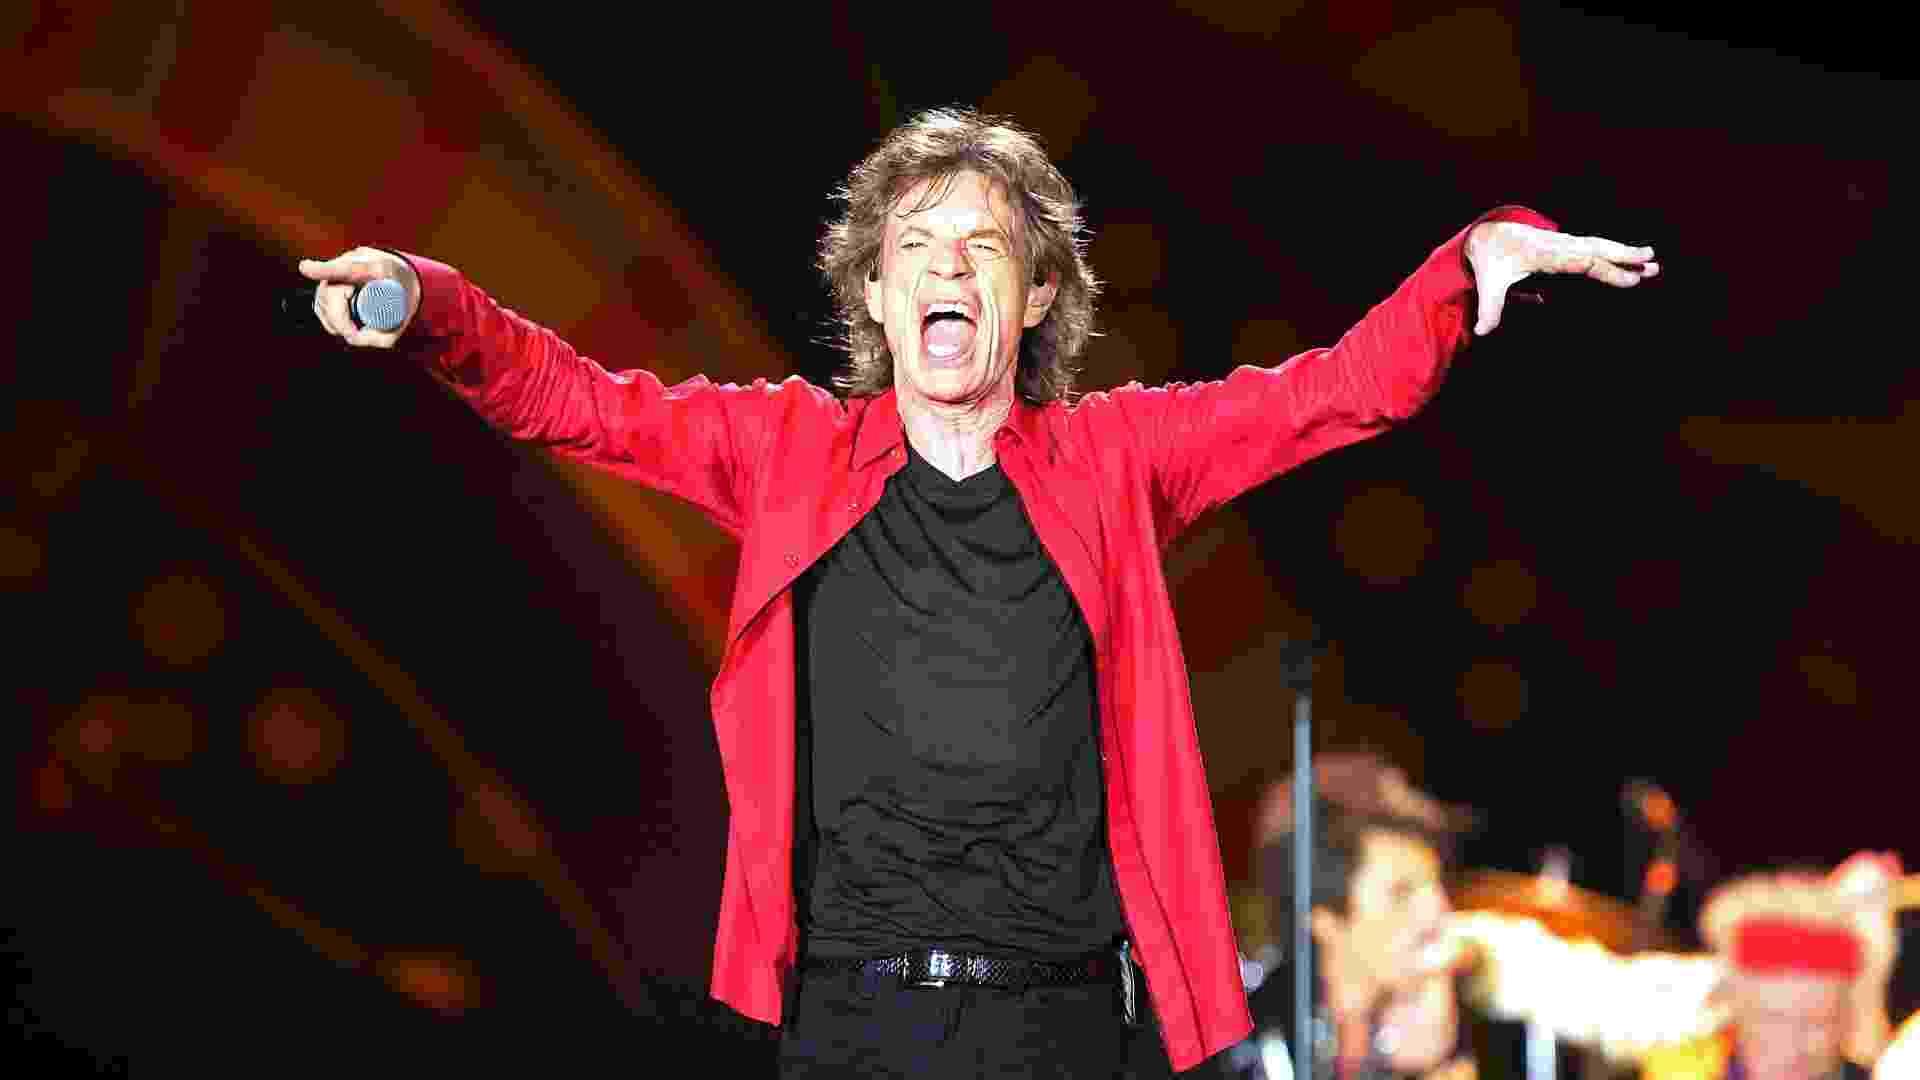 20.fev.2016 - Mick Jagger e sua banda Rolling Stones se apresentam no estádio do Maracanã, no Rio de Janeiro - Júlio César Guimarães/UOL